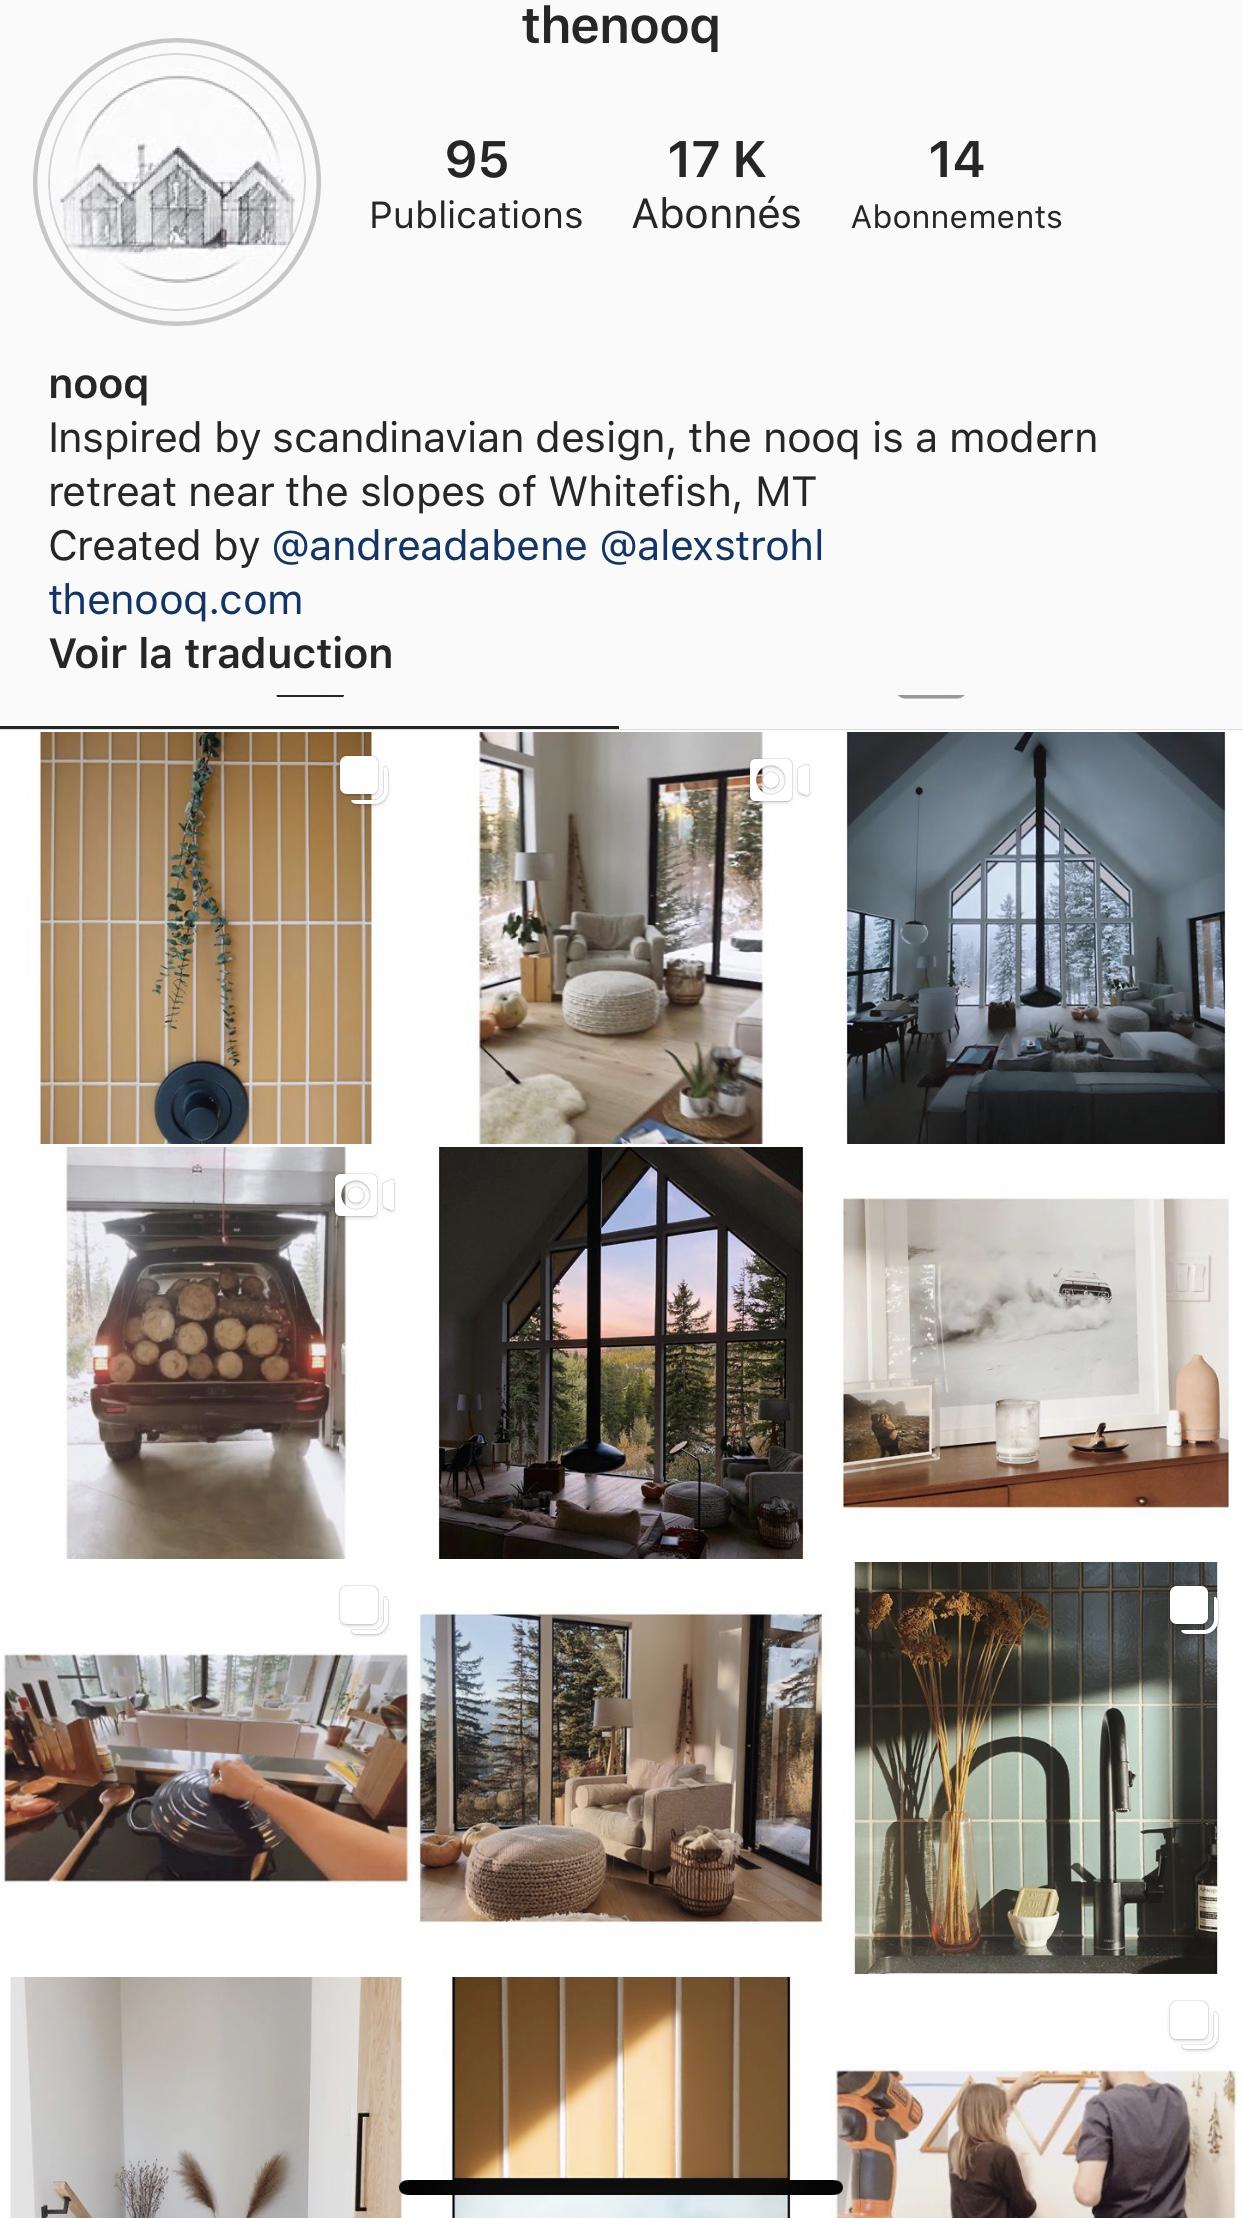 the-nooq-instagram